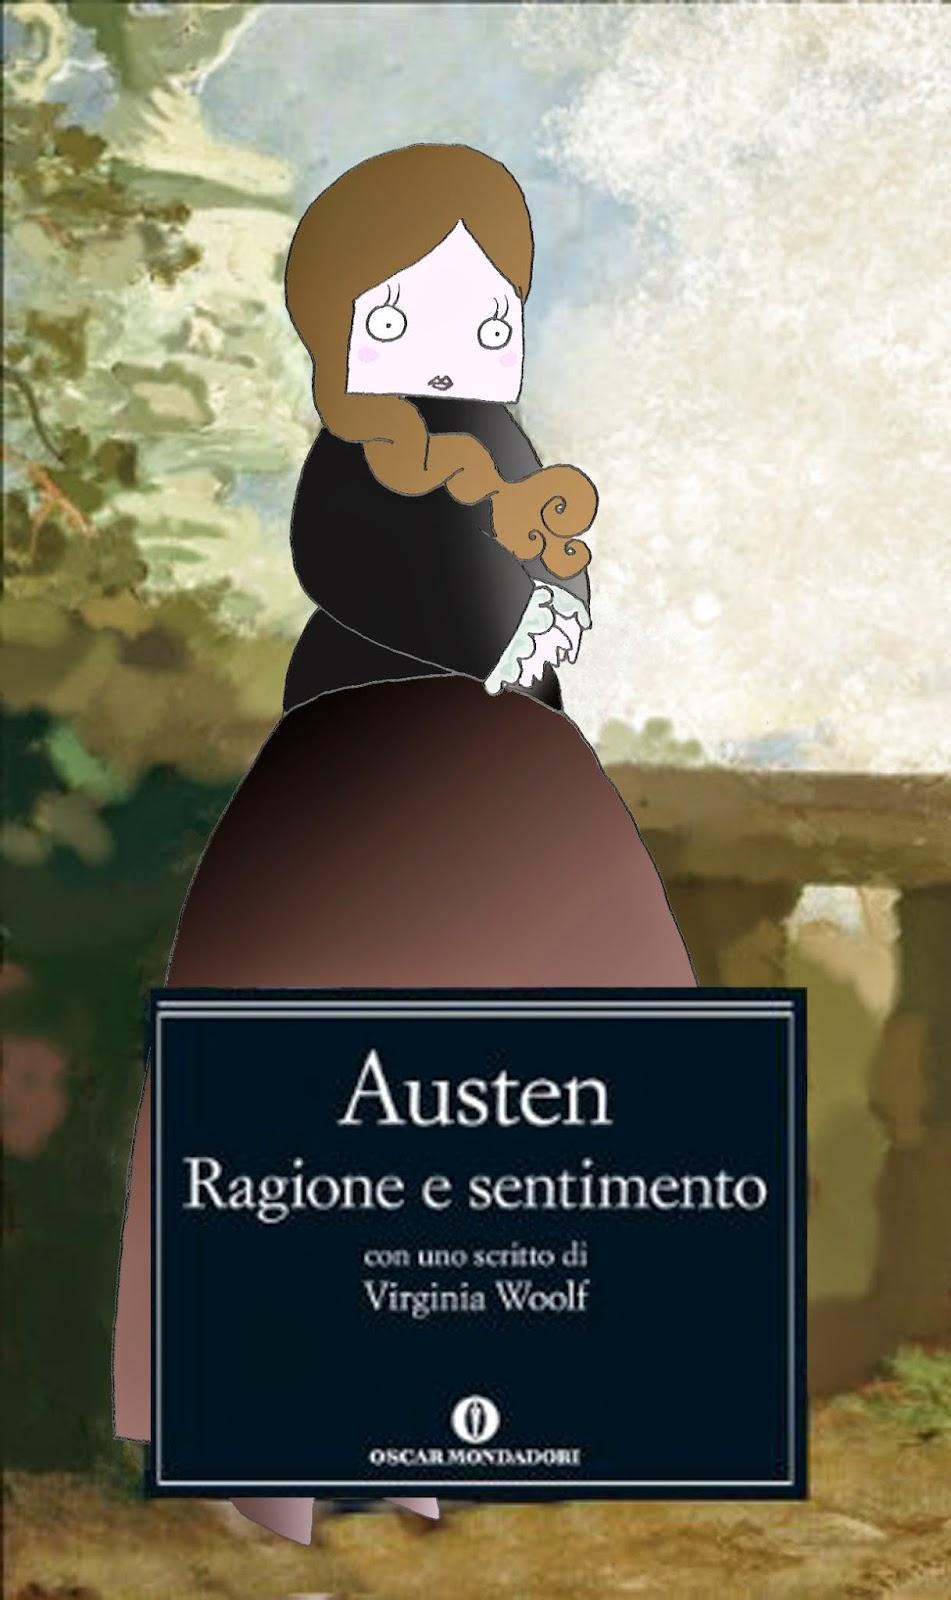 Ragione e sentimento: libro Jane austen, oscar mondadori, copertina artistica